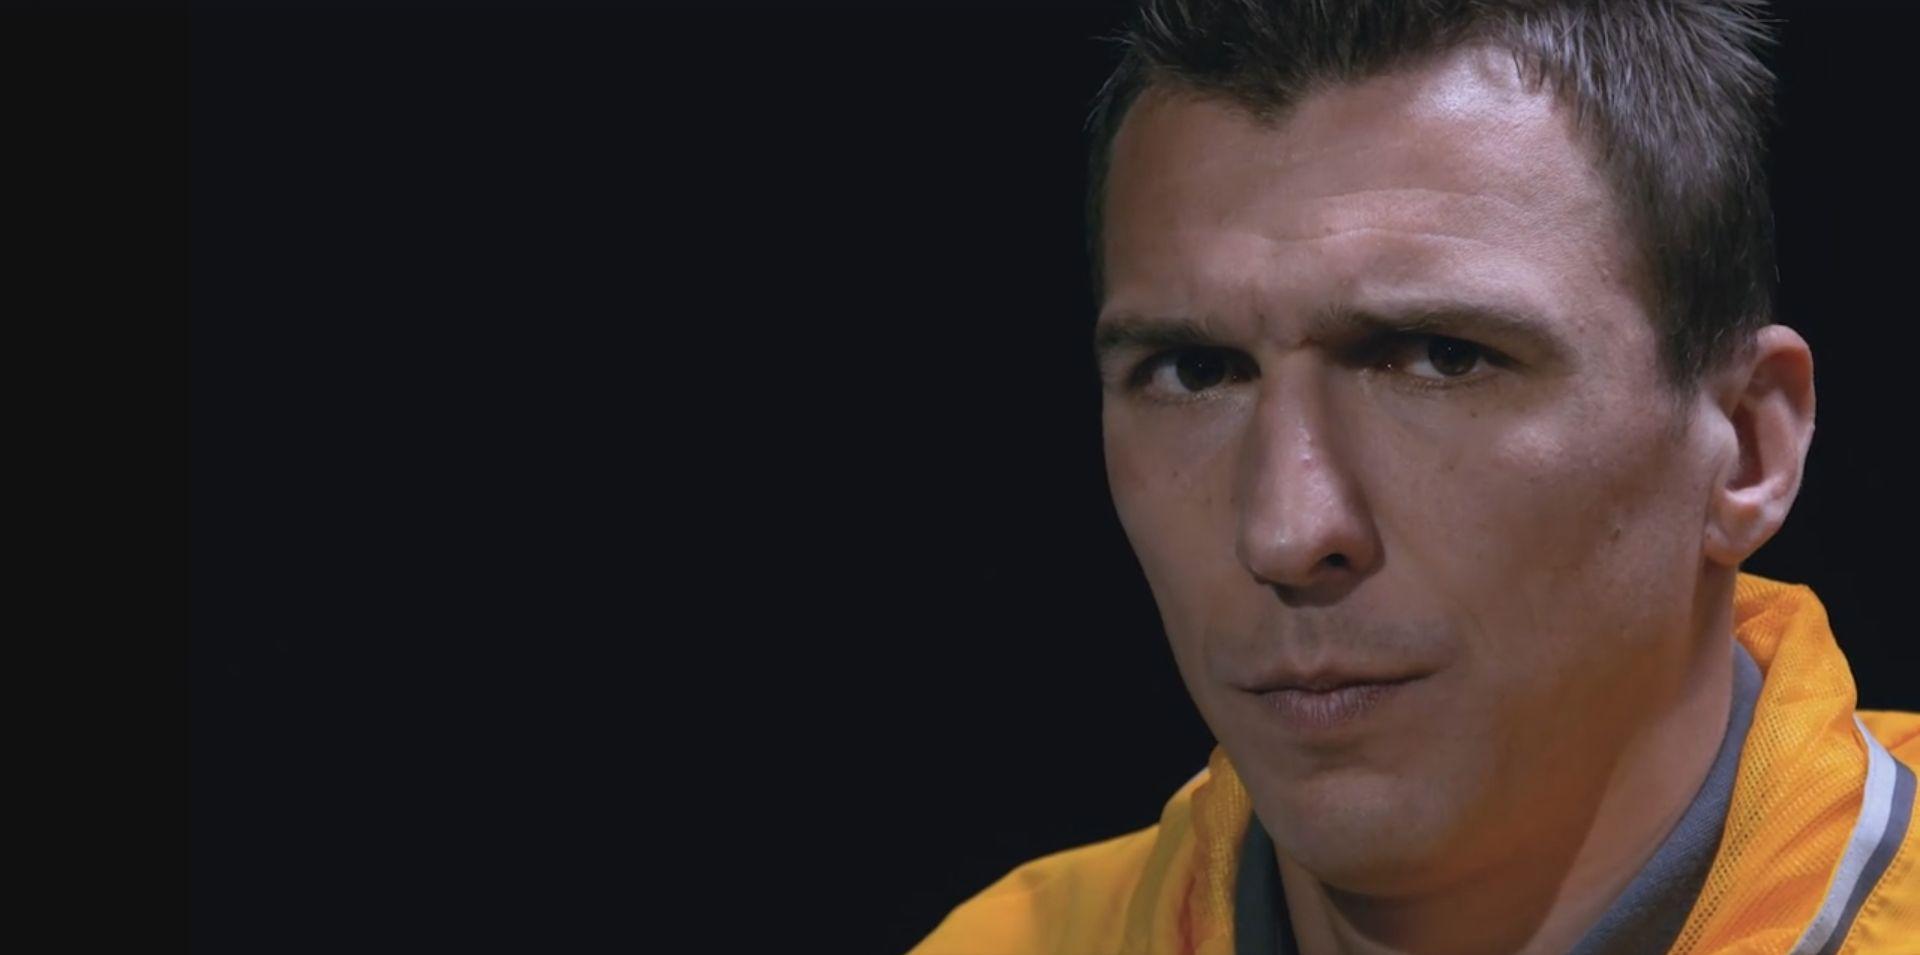 VIDEO: #TENDERMARIO Juventus neuspješno pokušao smekšati 'mrkog' Mandžukića